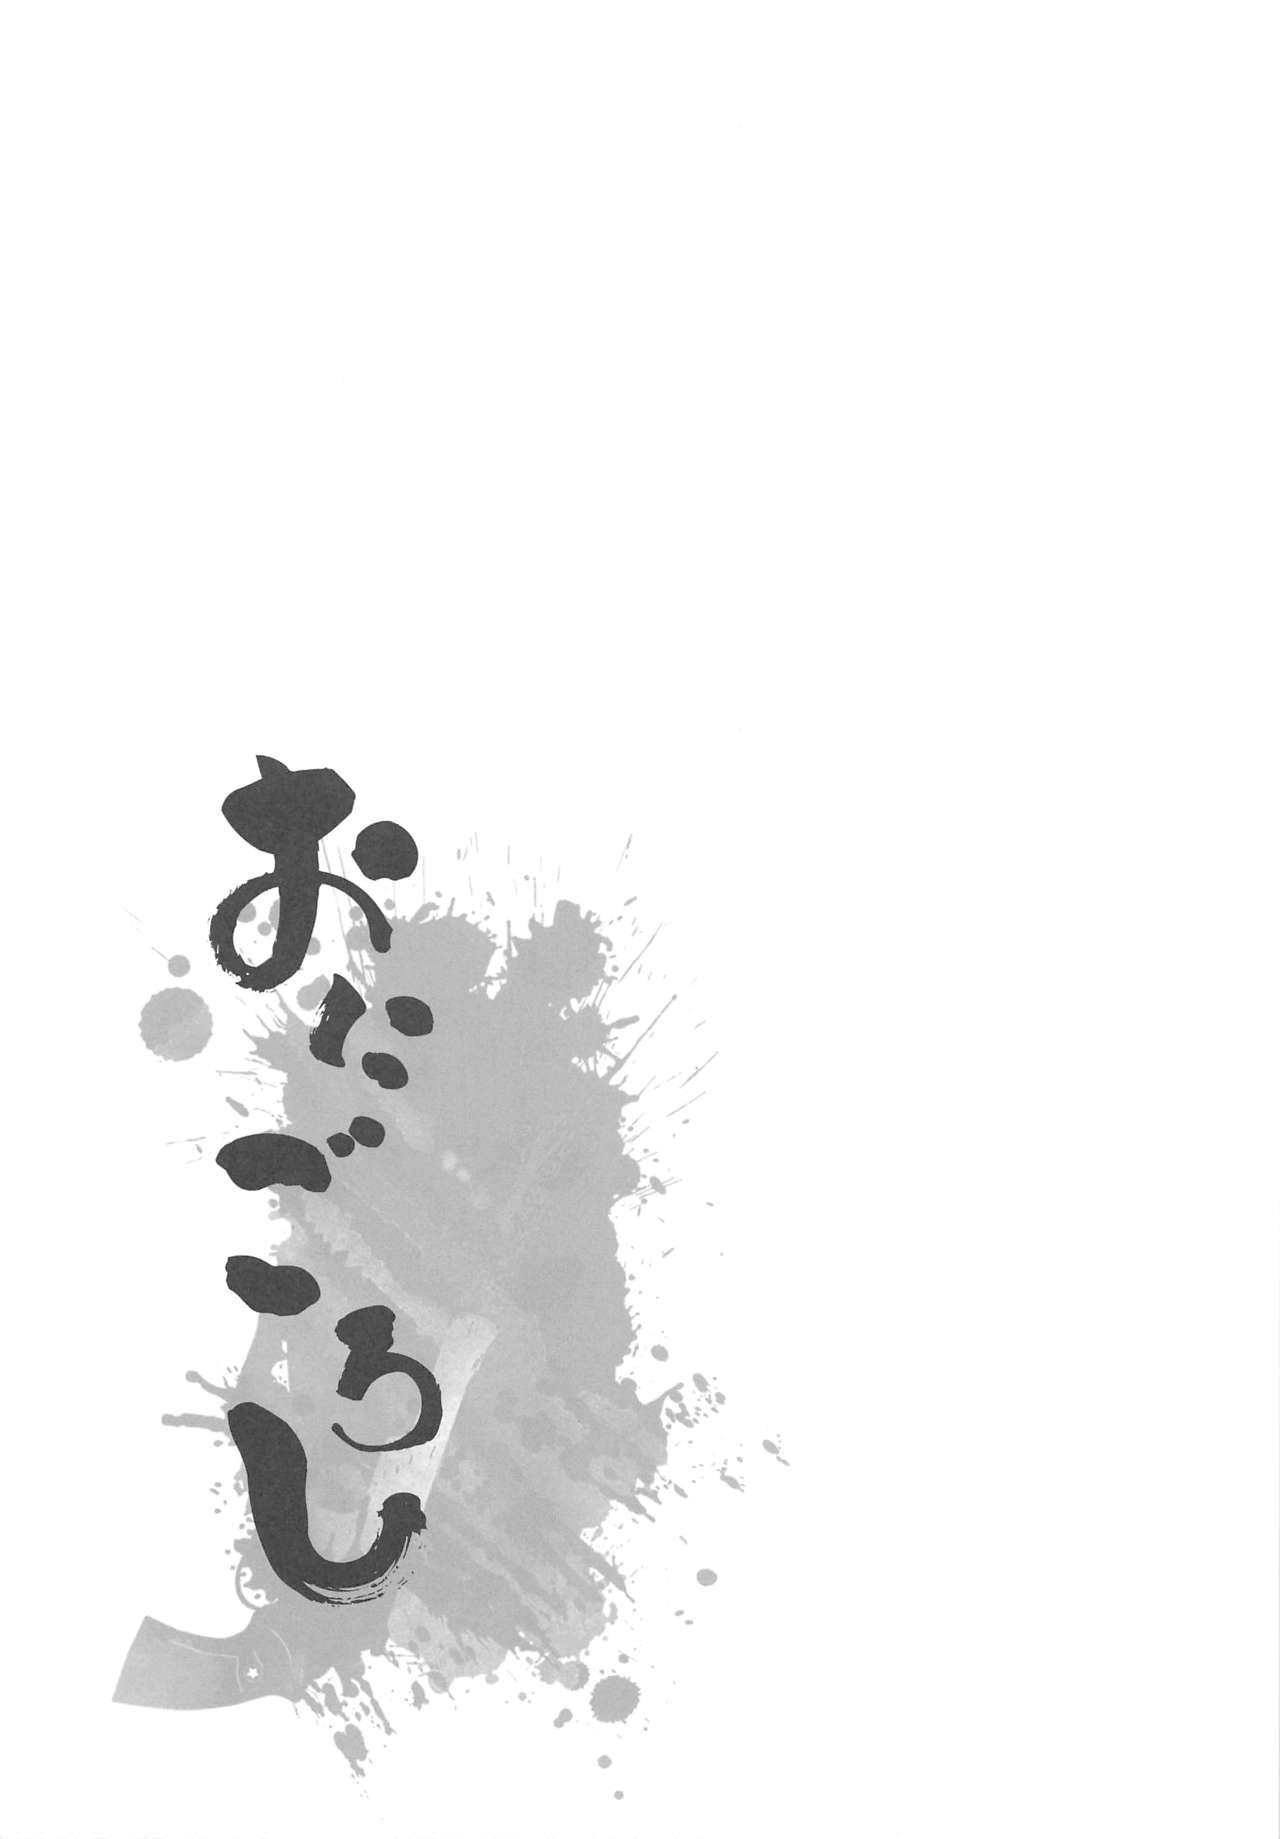 Onigoroshi 11